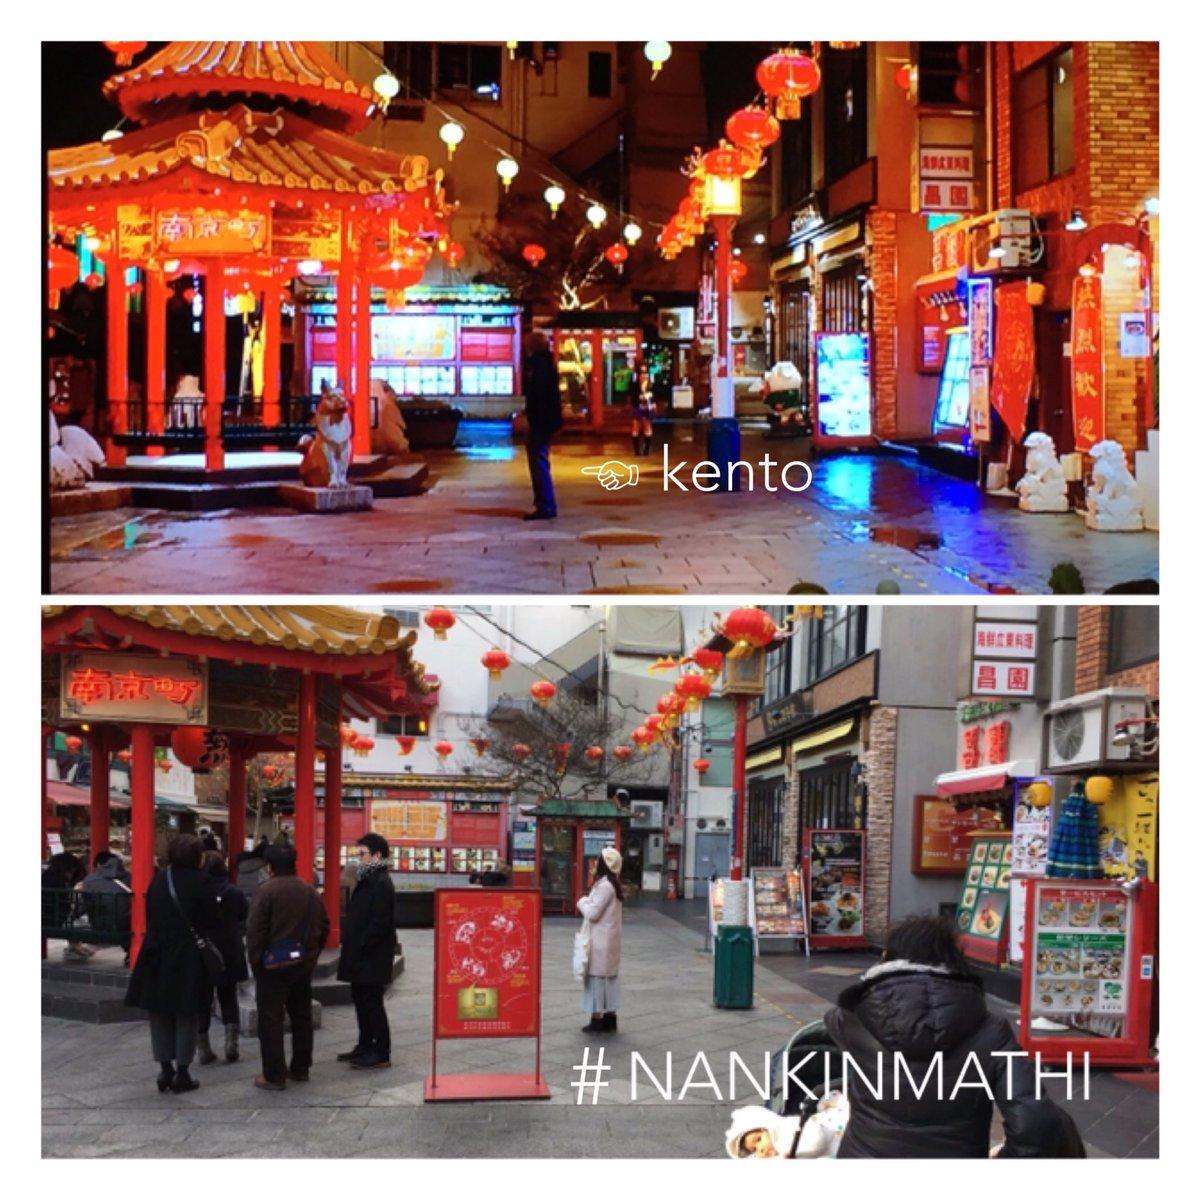 オオカミ少女と黒王子のロケ地巡り🐺💖南京町とビーナステラスと商店街!写真は、上が映画で下がわたし(笑)賢人くんがいたとこ